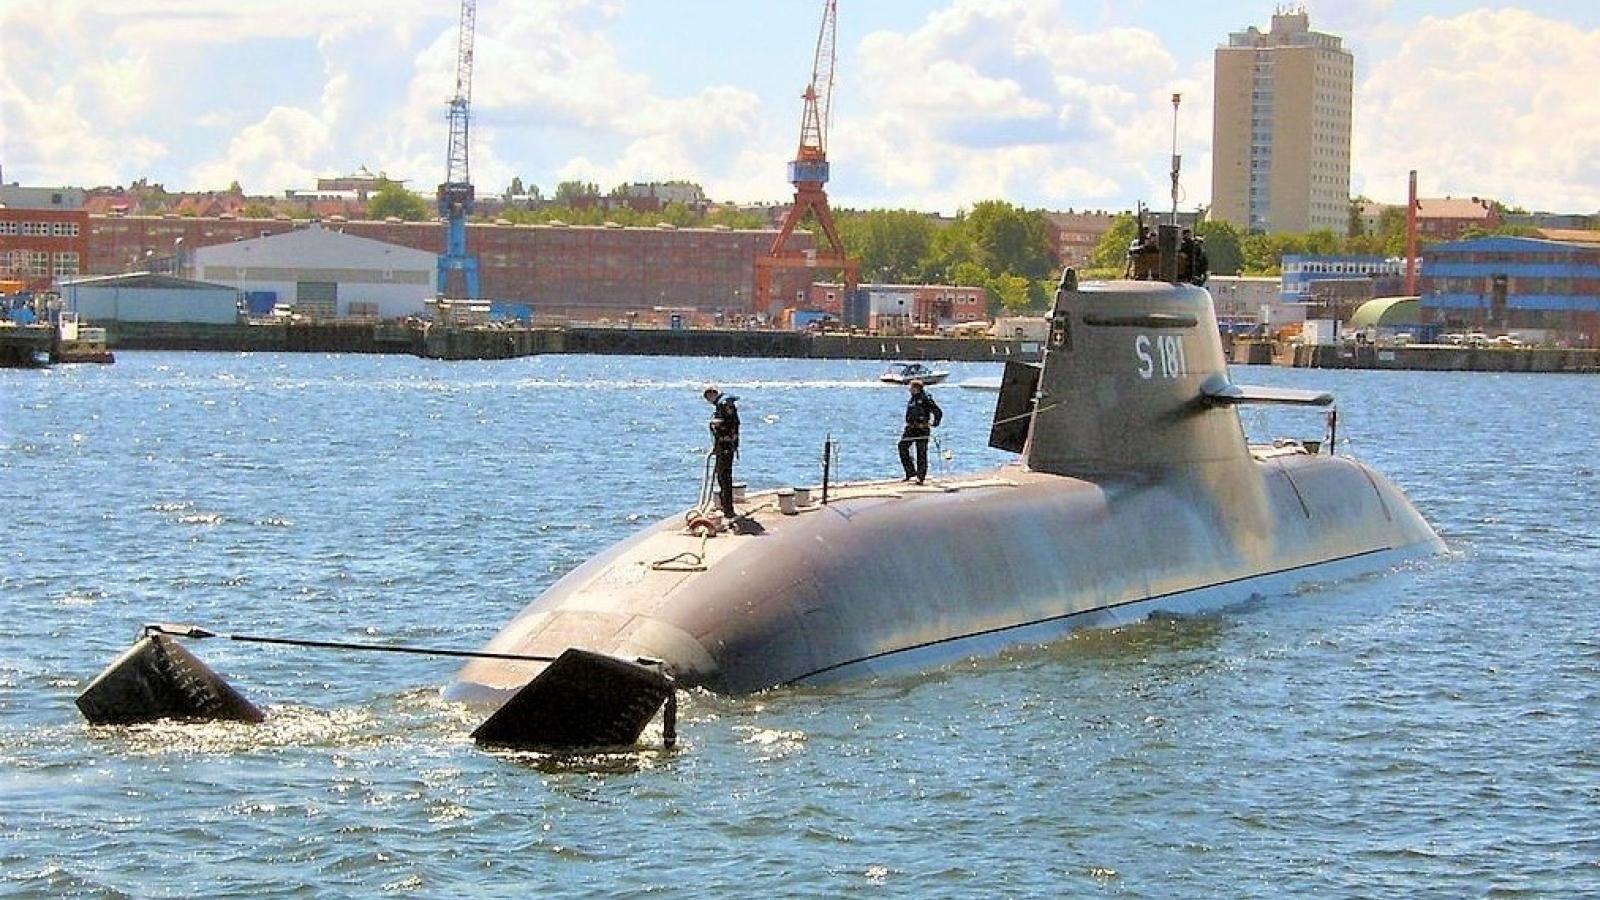 Đức và Na Uy đặt mua tàu ngầm phiên bản 212CD cho thập kỷ tiếp theo